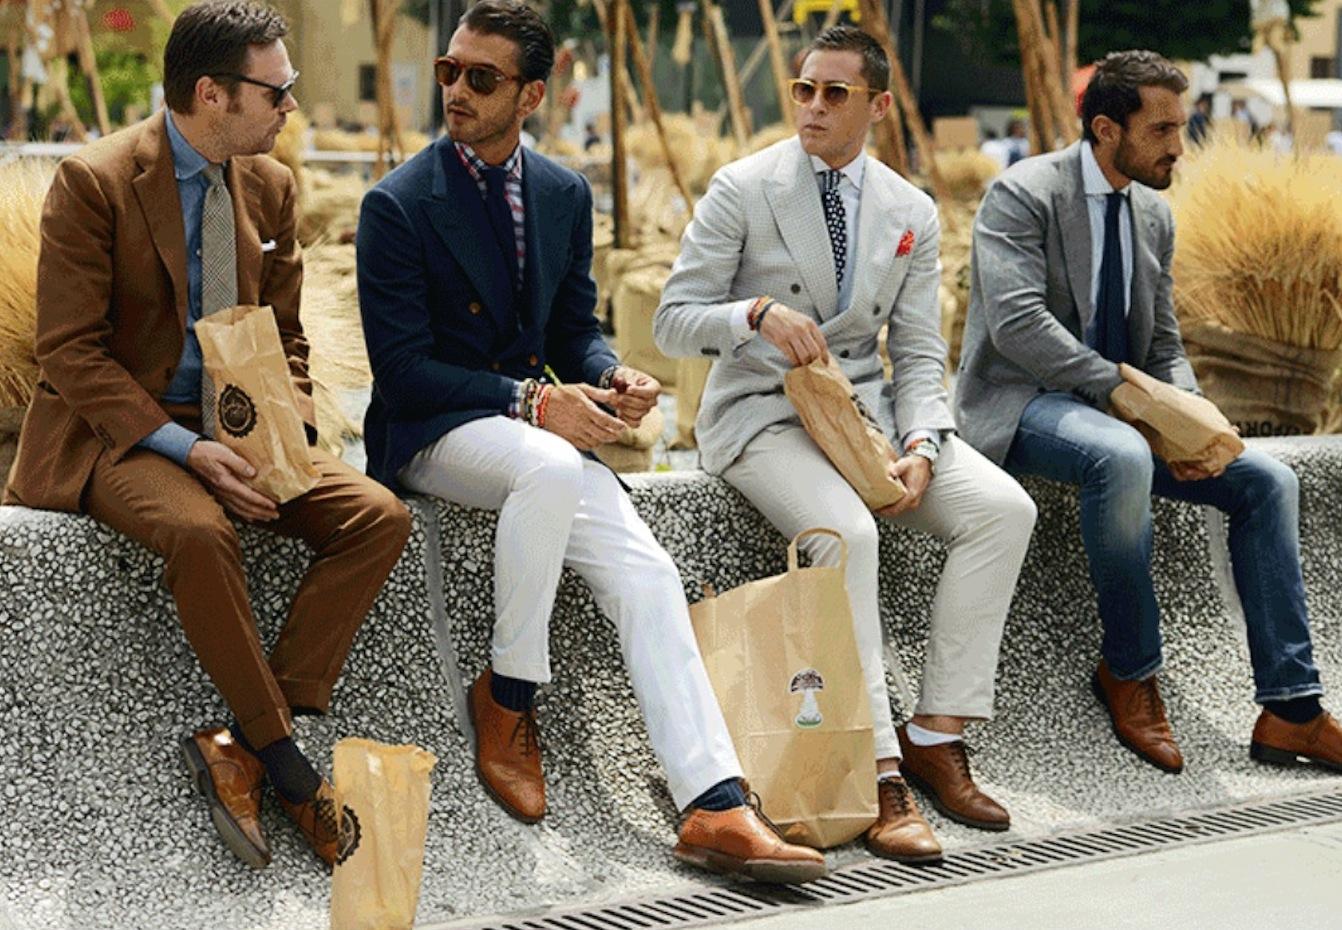 На фото: итальянский стиль одежды для мужчины: предпочтение дорогим брендовым моделям.